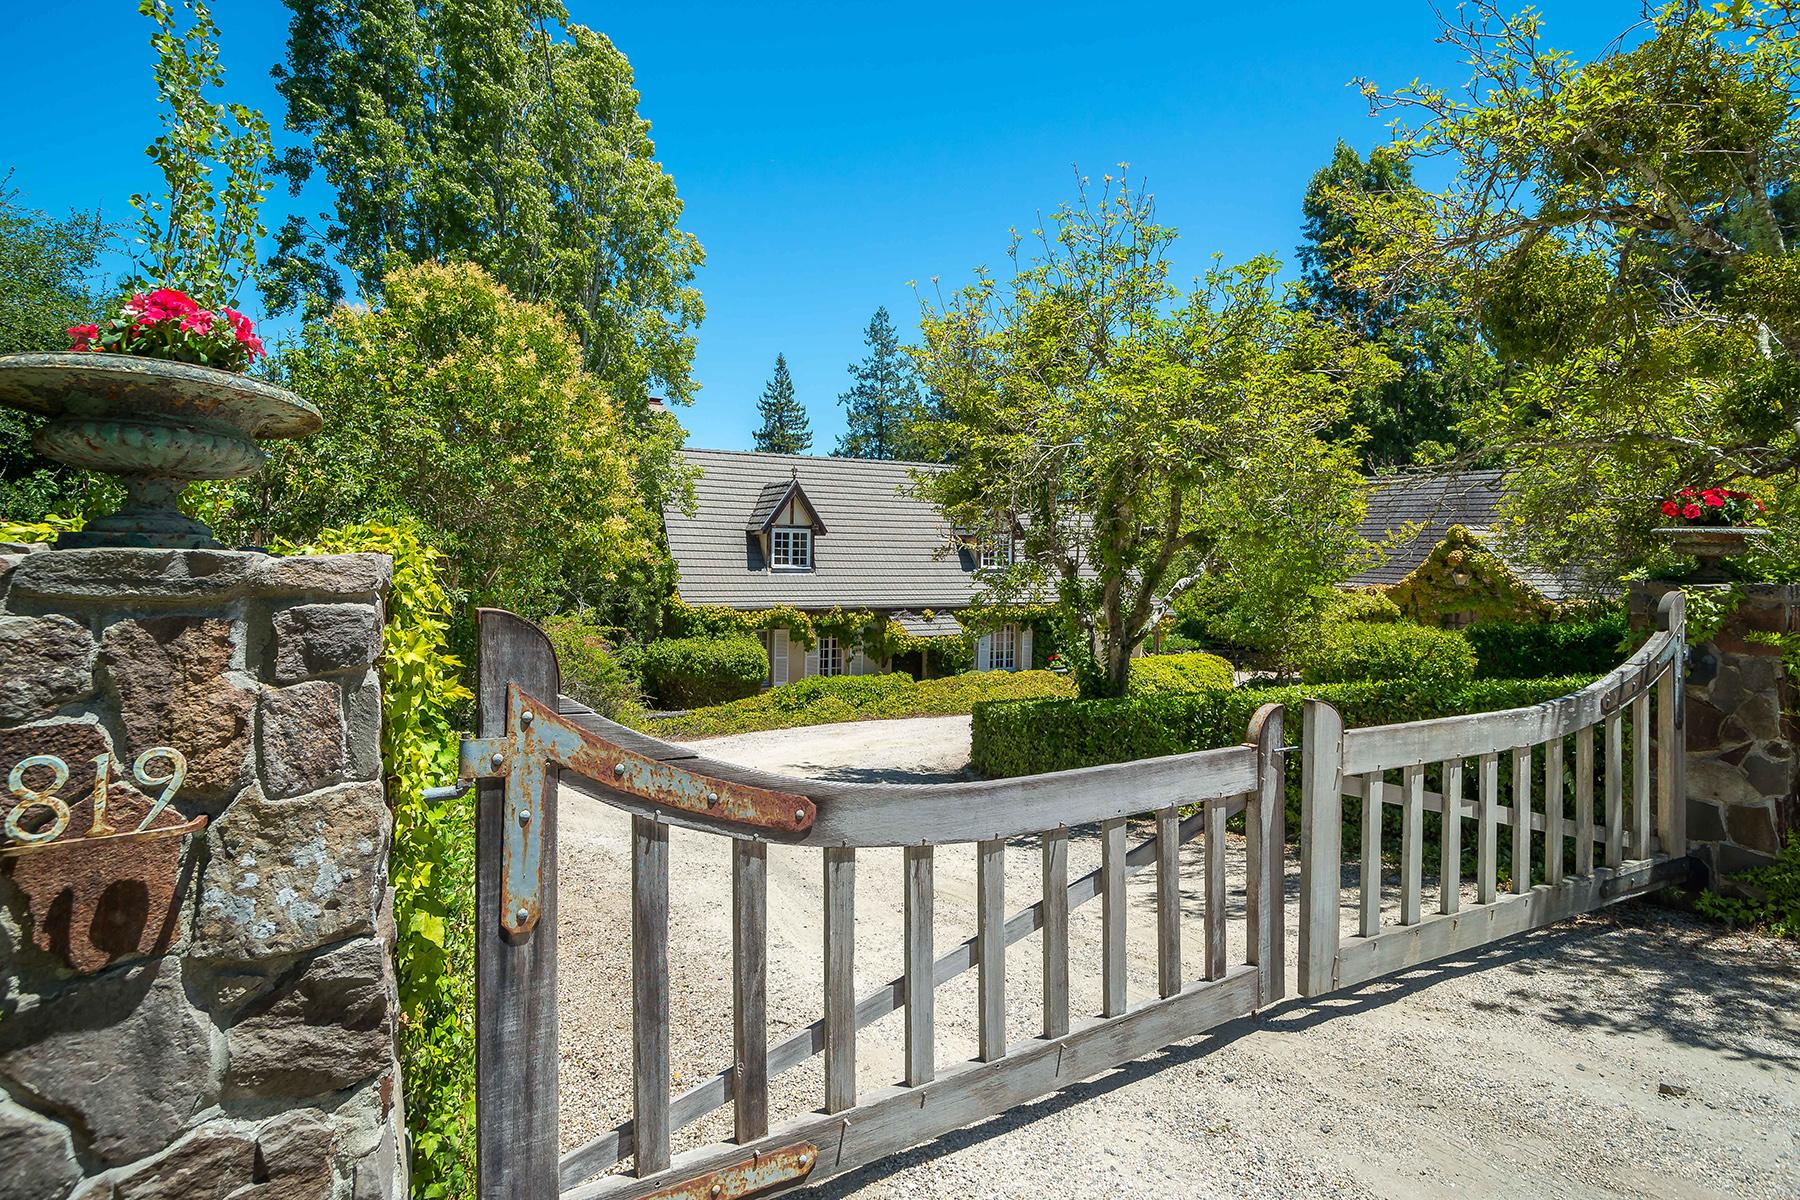 Land for Sale at 819 Grandview Road, Sebastopol, CA 95472 819 Grandview Rd Sebastopol, California, 95472 United States